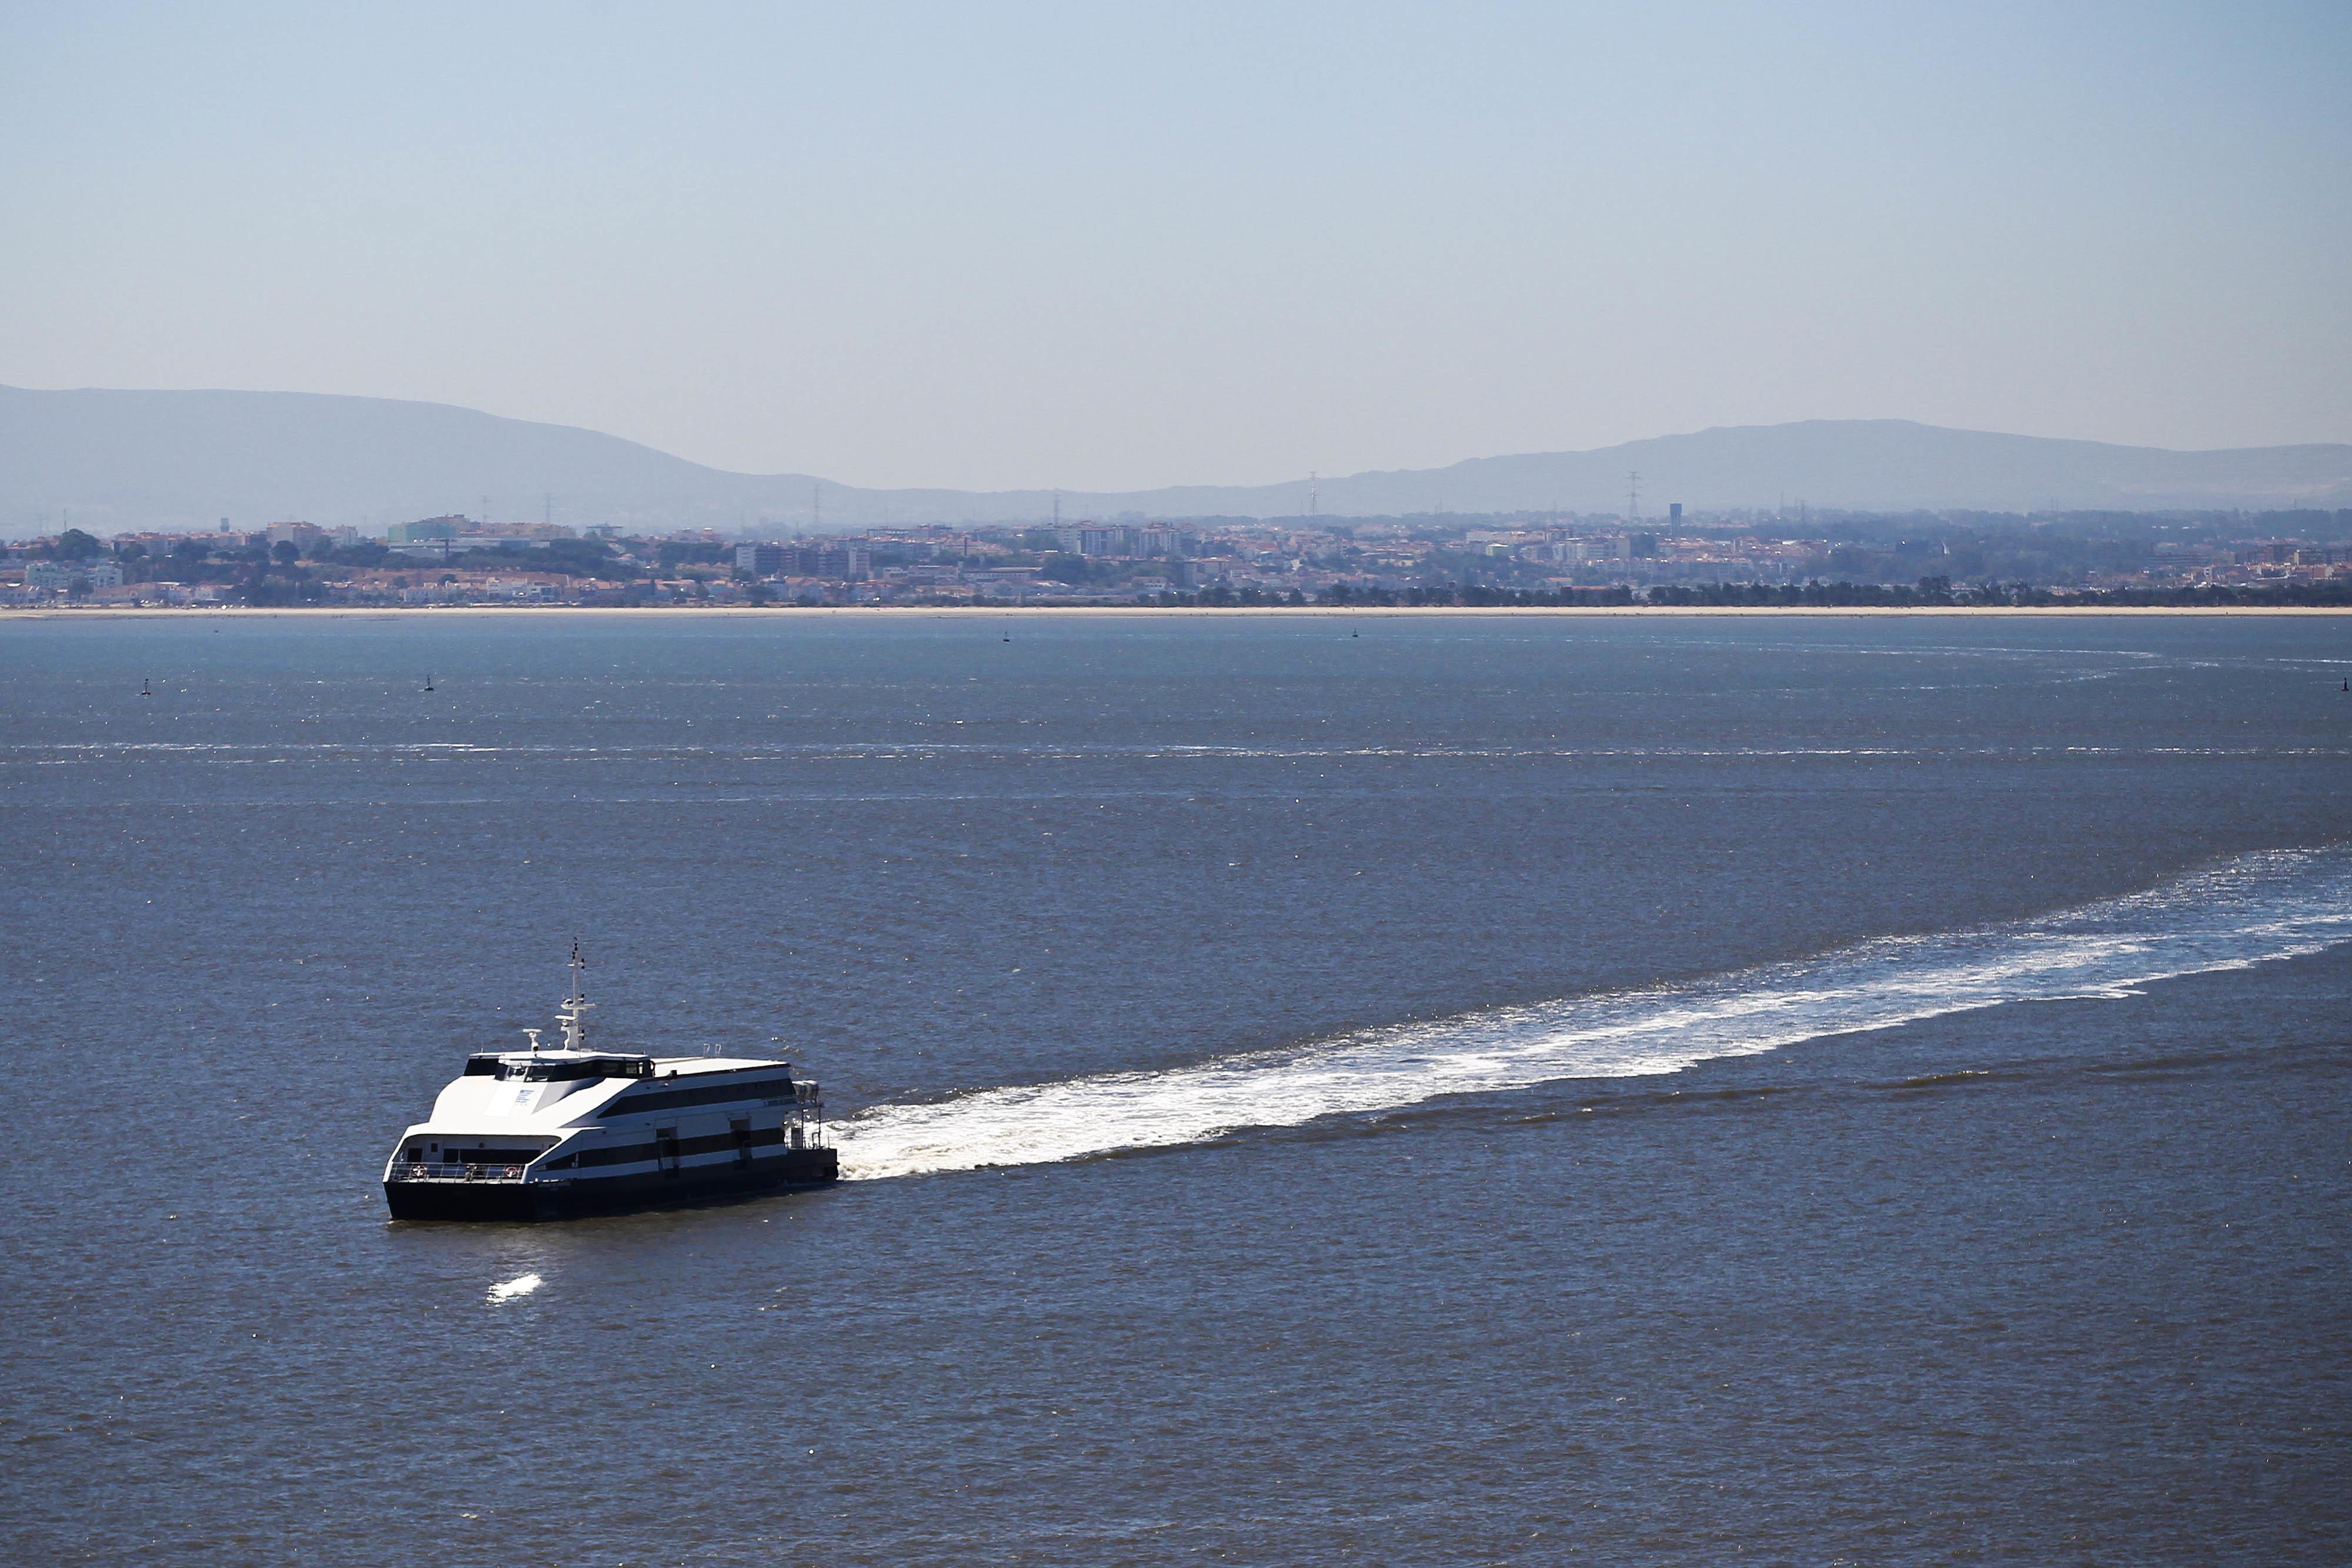 Cristas propõe abertura da travessia fluvial do Tejo à concorrência dos privados